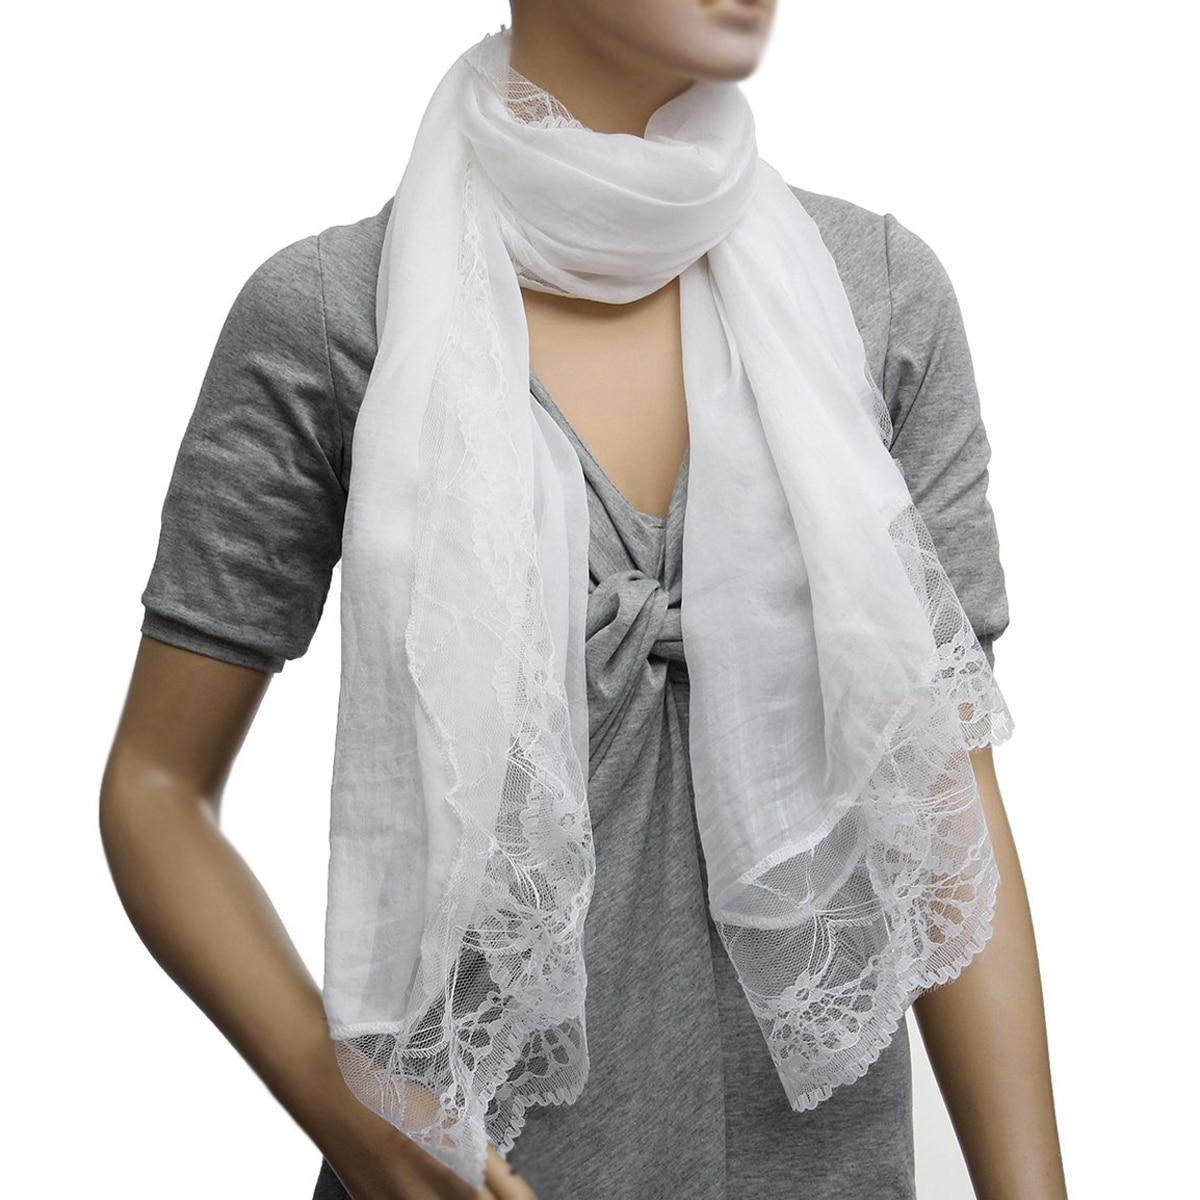 Woman Scarves Chiffon Lace Scarf Wrap Scarf white